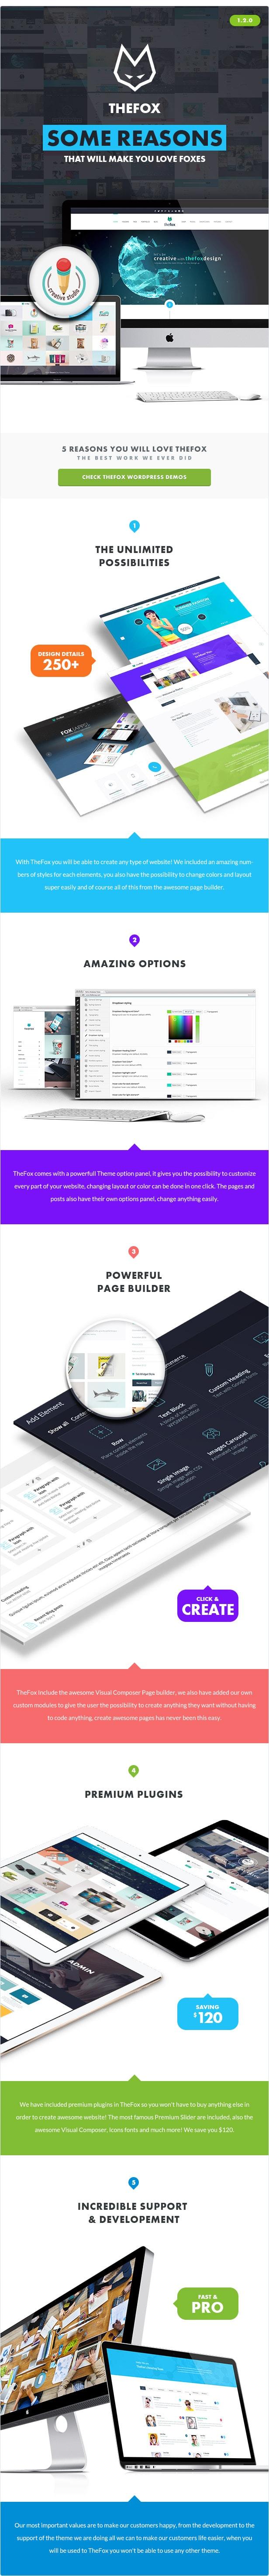 09 TheFox The Best WordPress Theme 2015 - TheFox   Responsive Multi-Purpose WordPress Theme